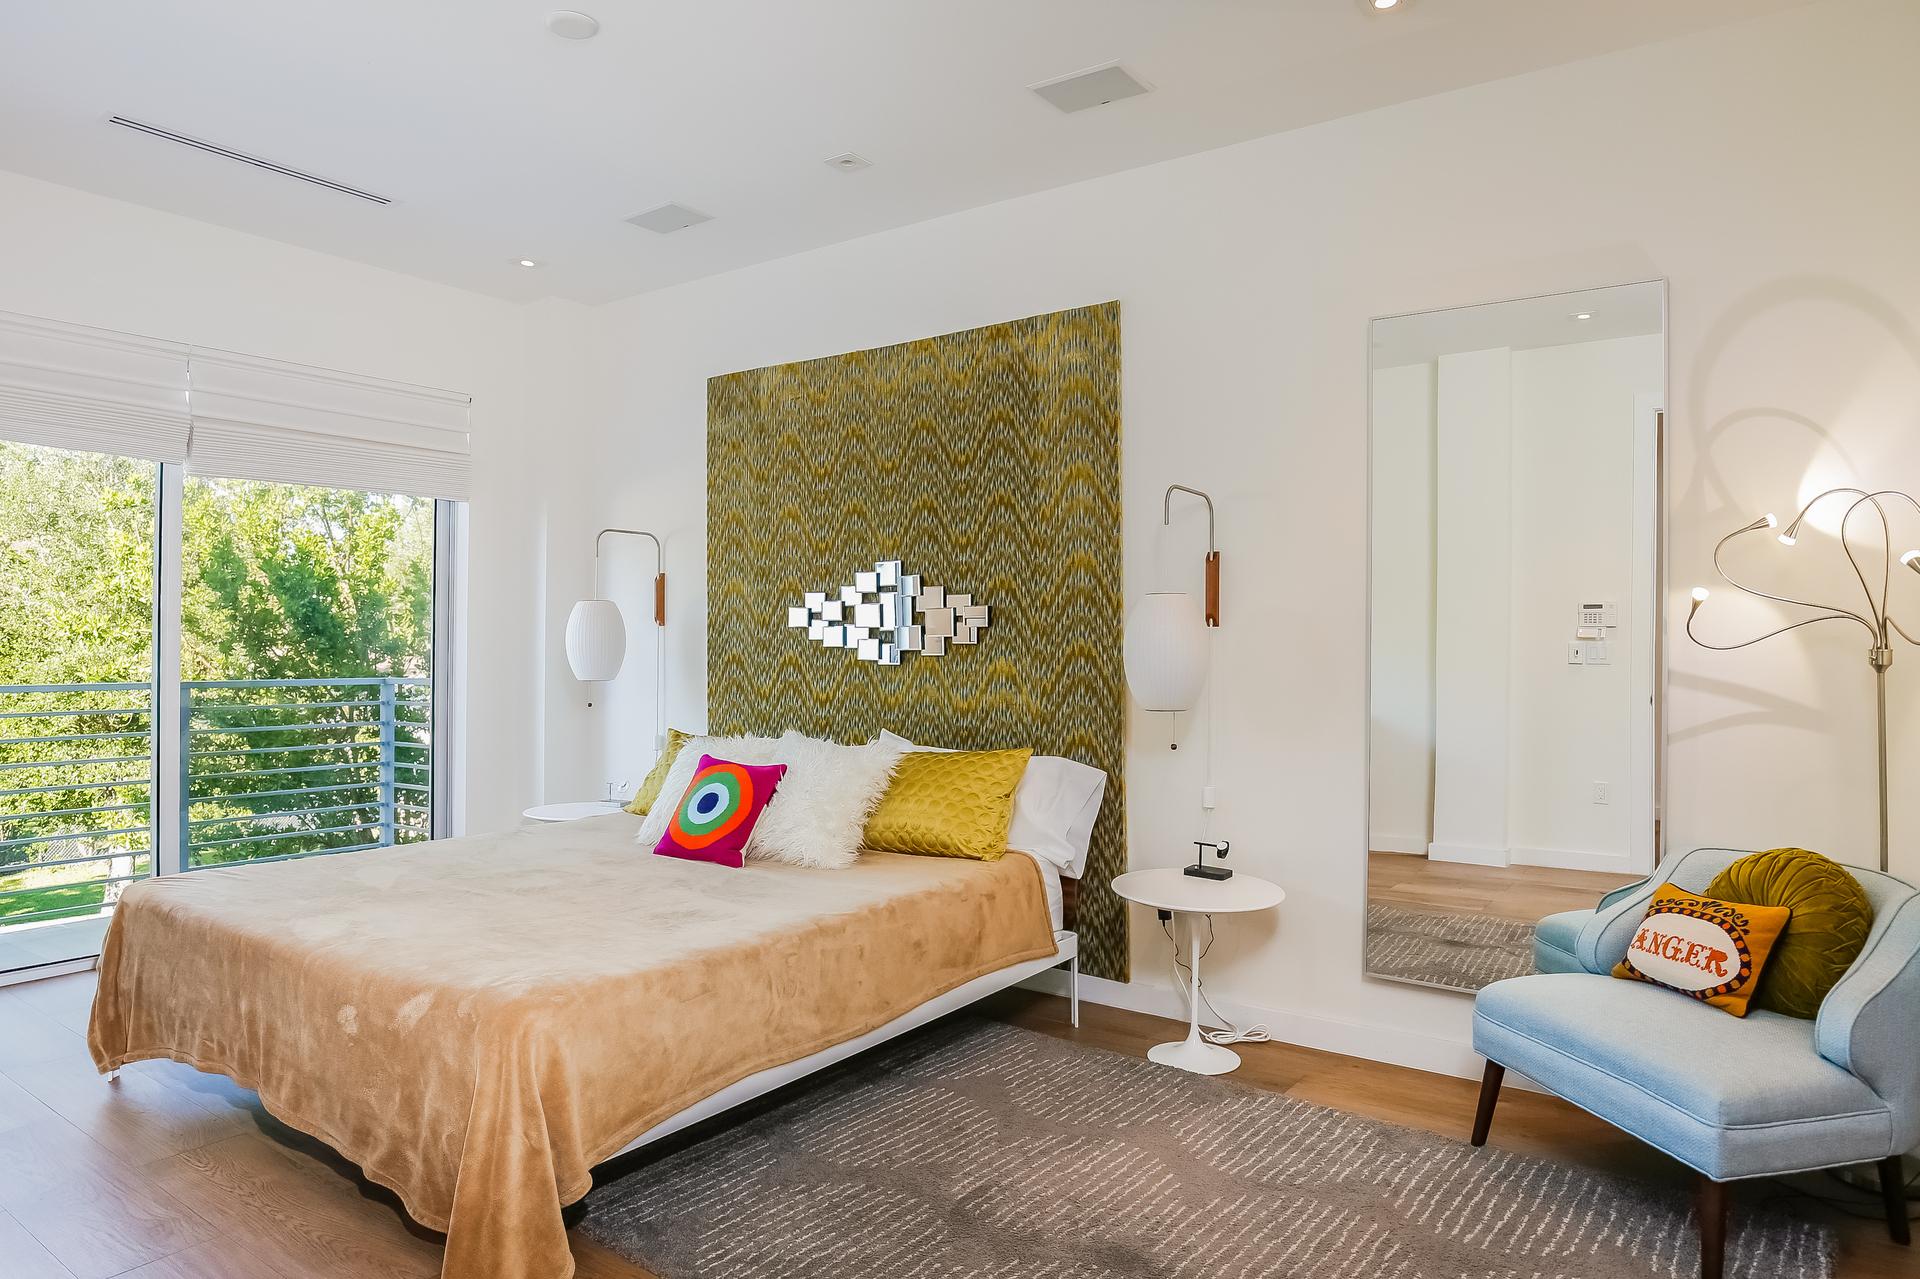 021-Master_Bedroom-5037901-medium